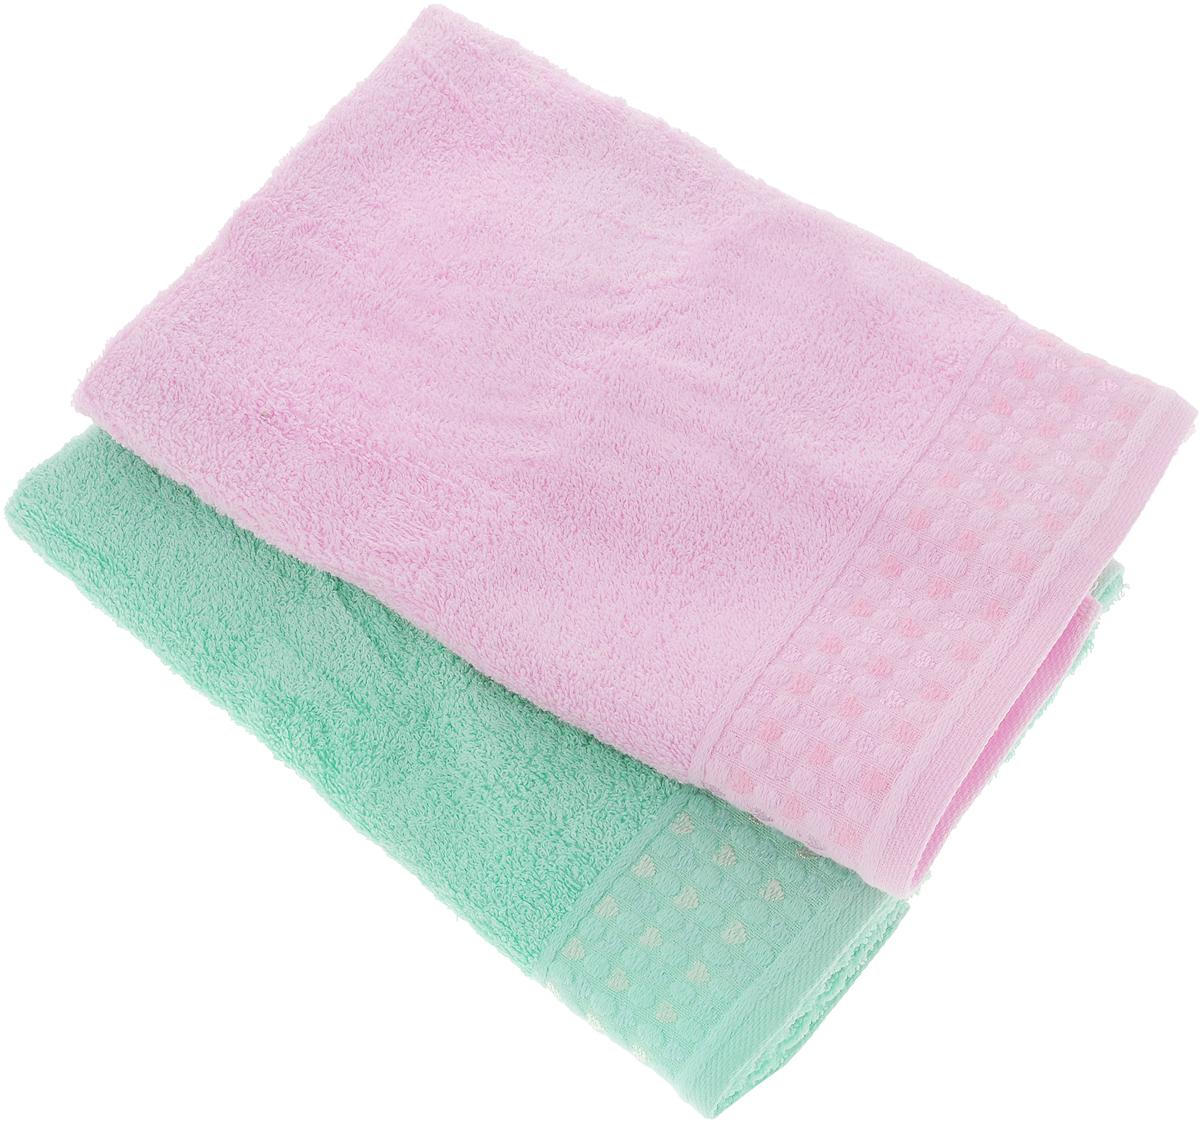 Набор полотенец Tete-a-Tete Сердечки, цвет: розовый, бирюза, 50 х 90 см, 2 штУНП-107-06-2кНабор Tete-a-Tete Сердечки состоит из двух махровых полотенец, выполненных из натурального 100% хлопка. Бордюр полотенец декорирован рисунком сердечек. Изделия мягкие, отлично впитывают влагу, быстро сохнут, сохраняют яркость цвета и не теряют форму даже после многократных стирок. Полотенца Tete-a-Tete Сердечки очень практичны и неприхотливы в уходе. Они легко впишутся в любой интерьер благодаря своей нежной цветовой гамме. Набор упакован в красивую коробку и может послужить отличной идеей подарка. Размер полотенец: 50 х 90 см.